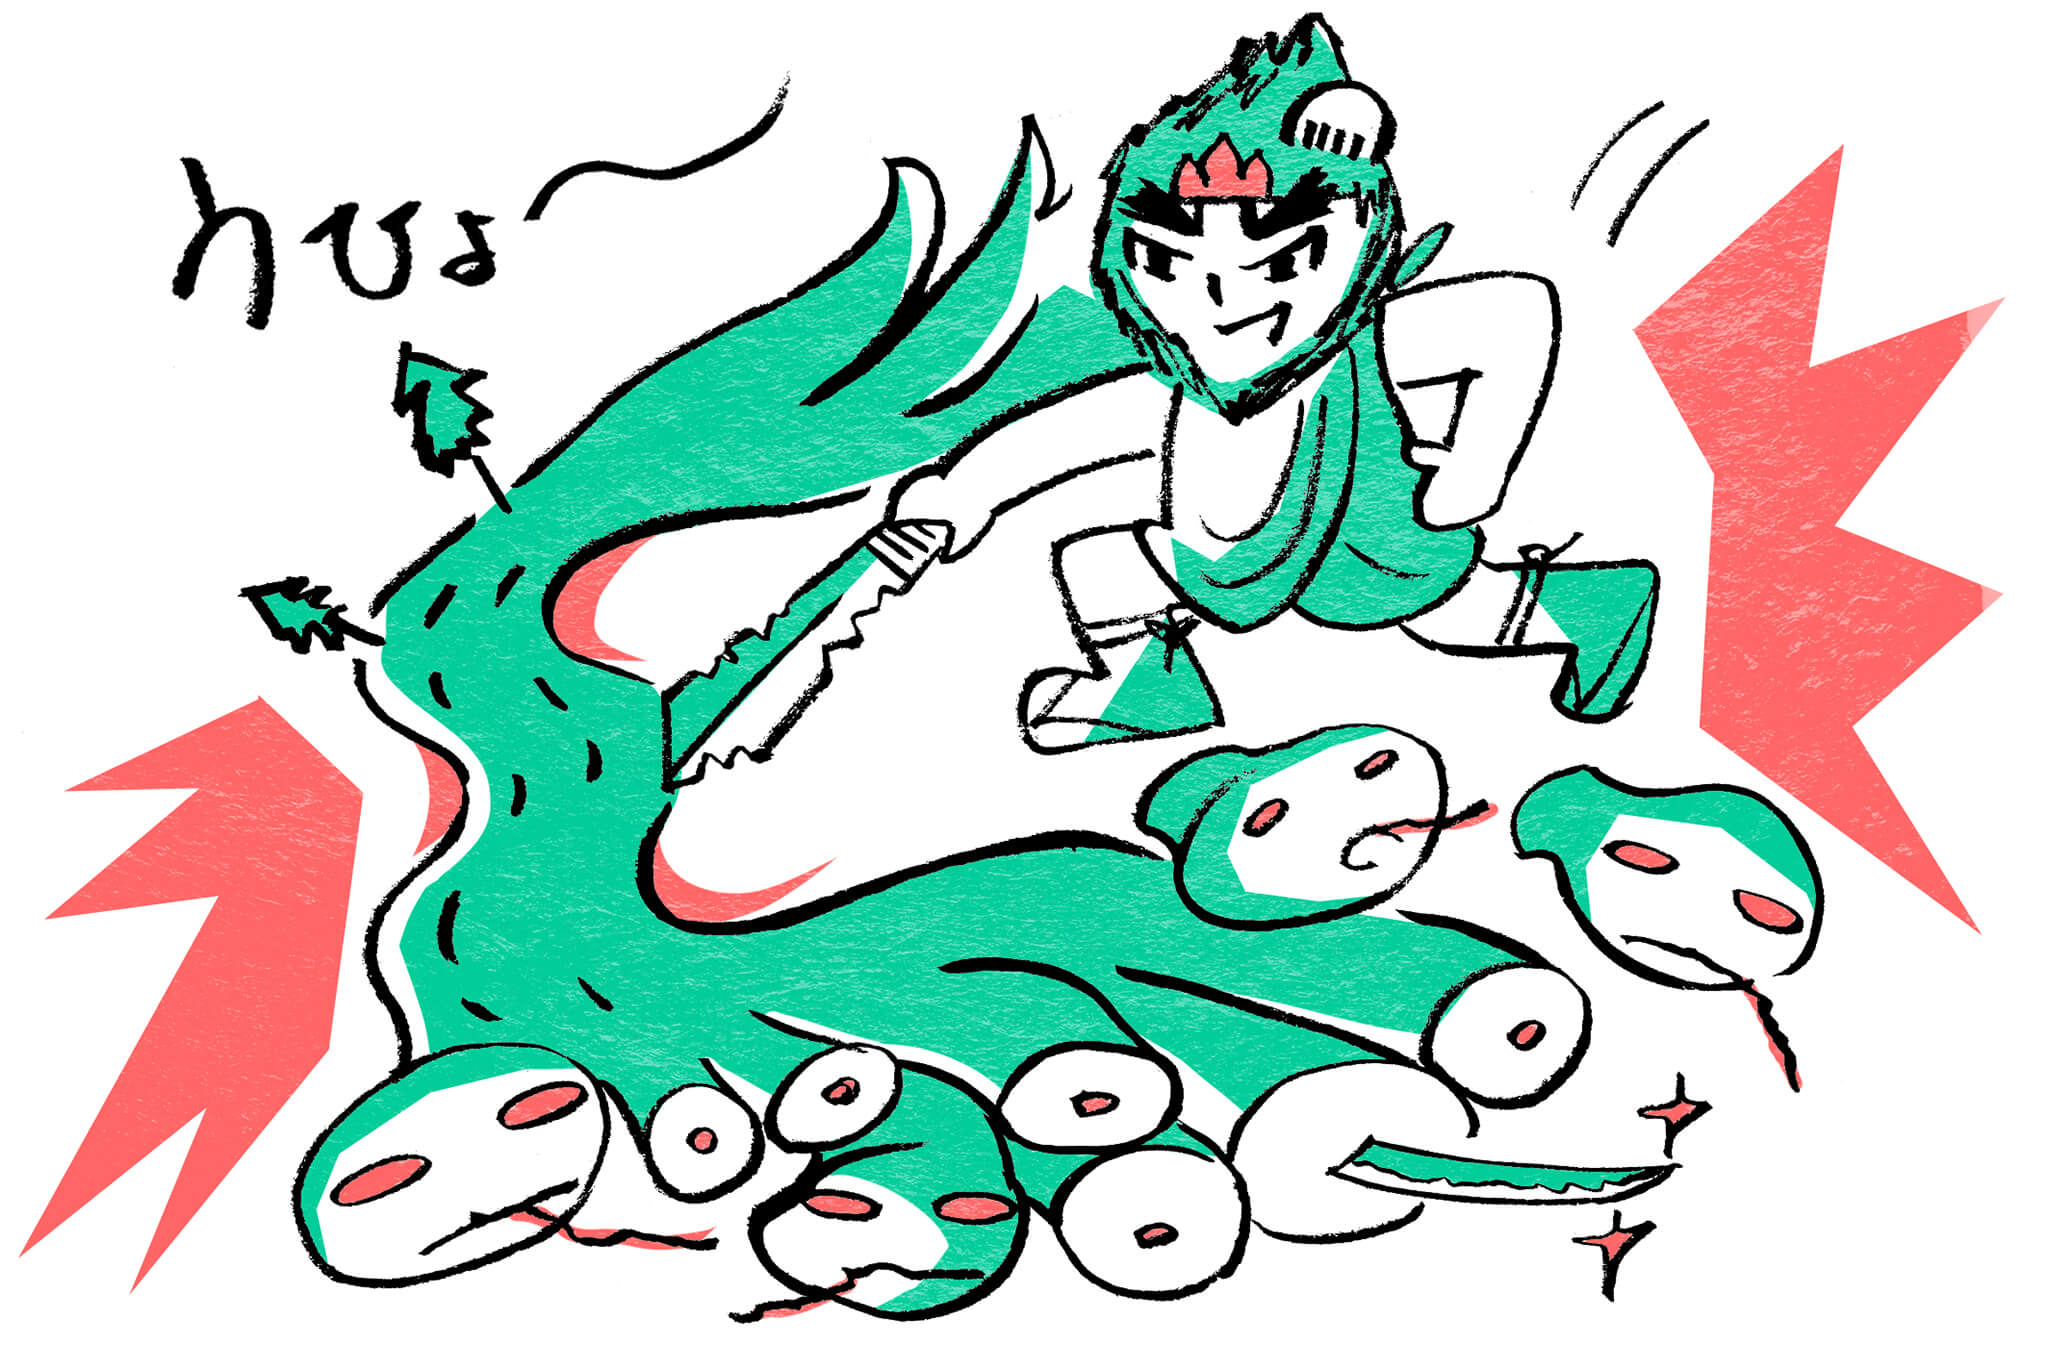 ヤマタノオロチを退治するスサノオノミコト